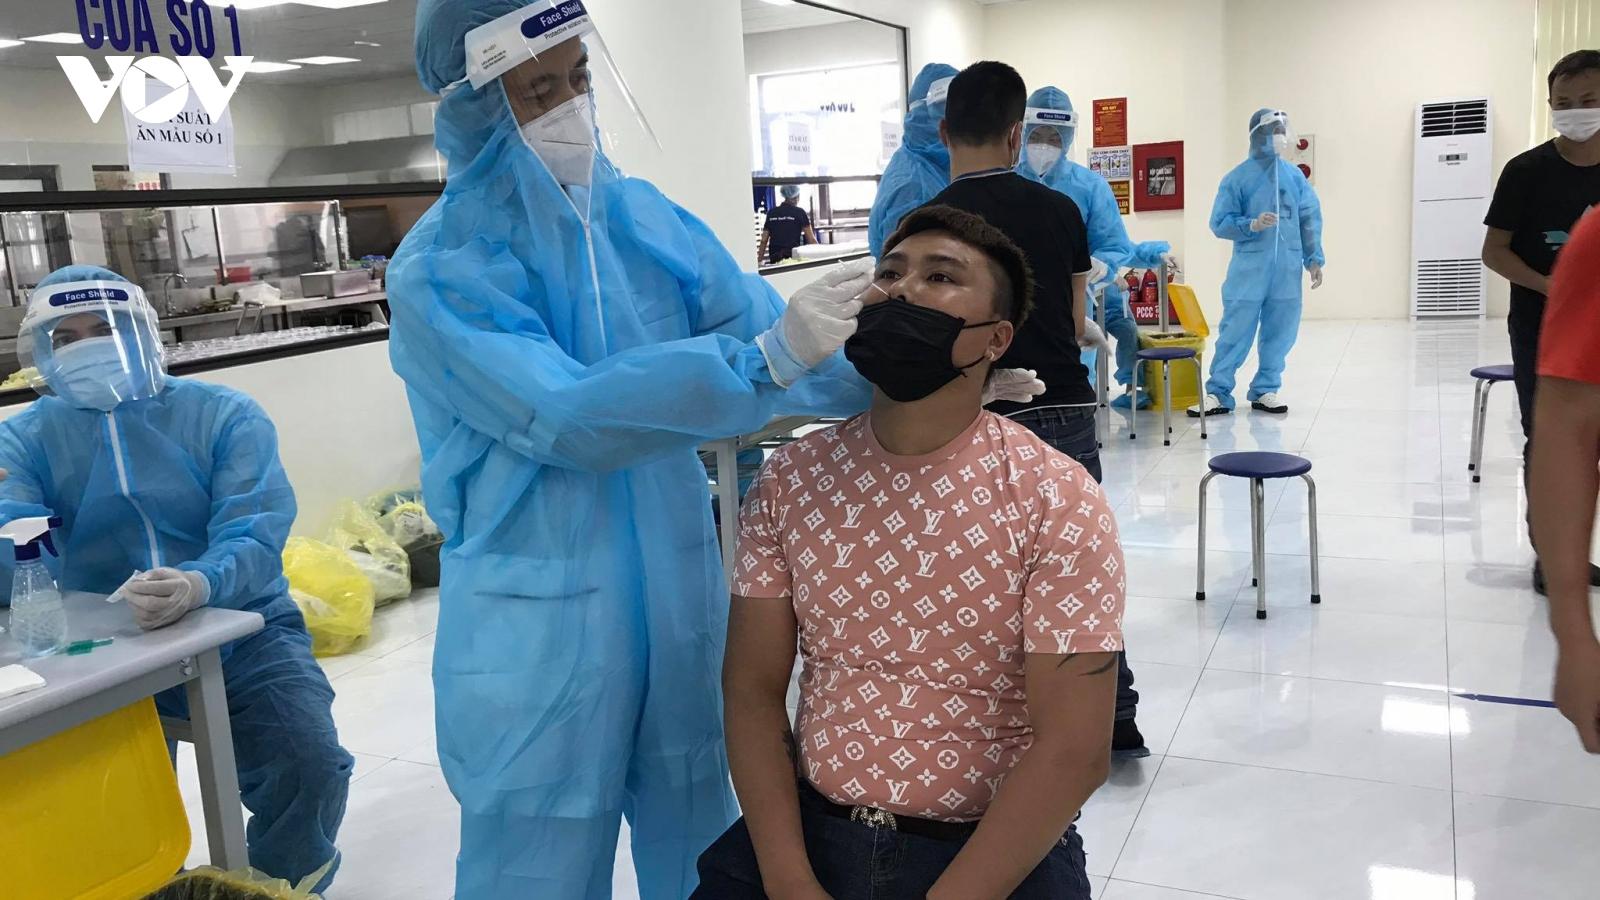 Quảng Ninh cử 200 cán bộ y tế hỗ trợ Bắc Giang truy vết, xét nghiệm Covid-19